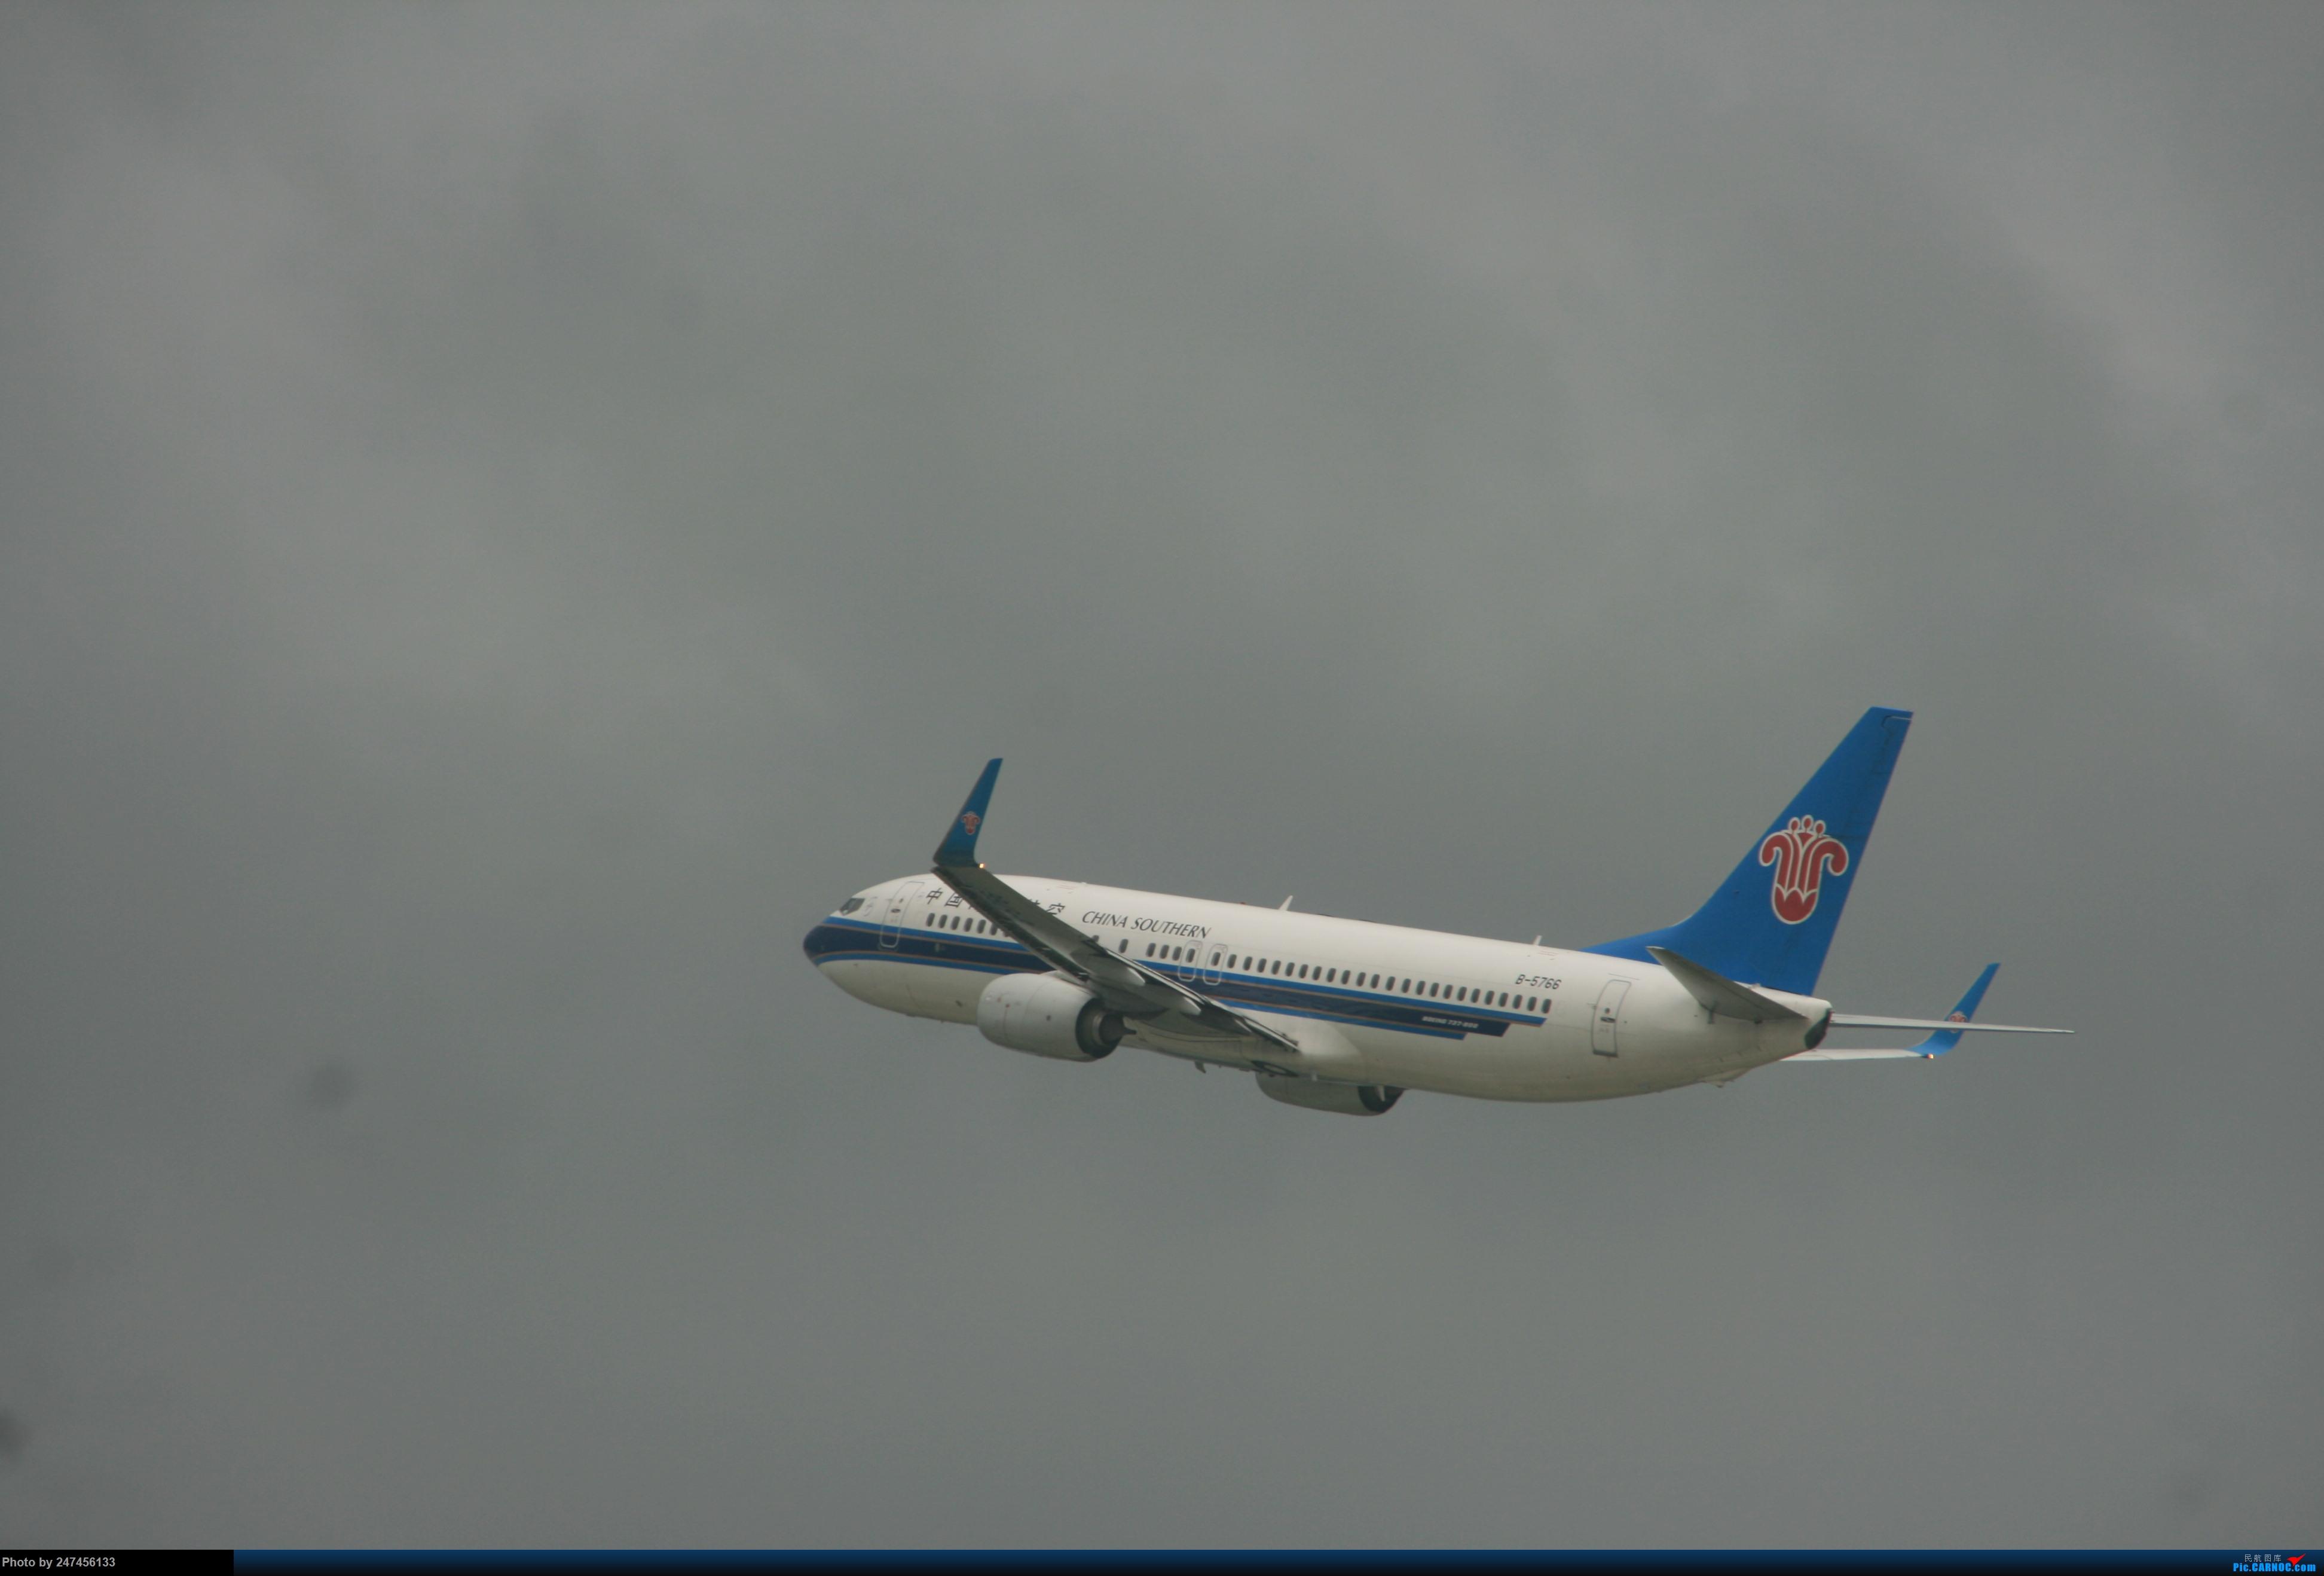 南航B738 BOEING 737-800 B-5766 中国南宁吴圩国际机场